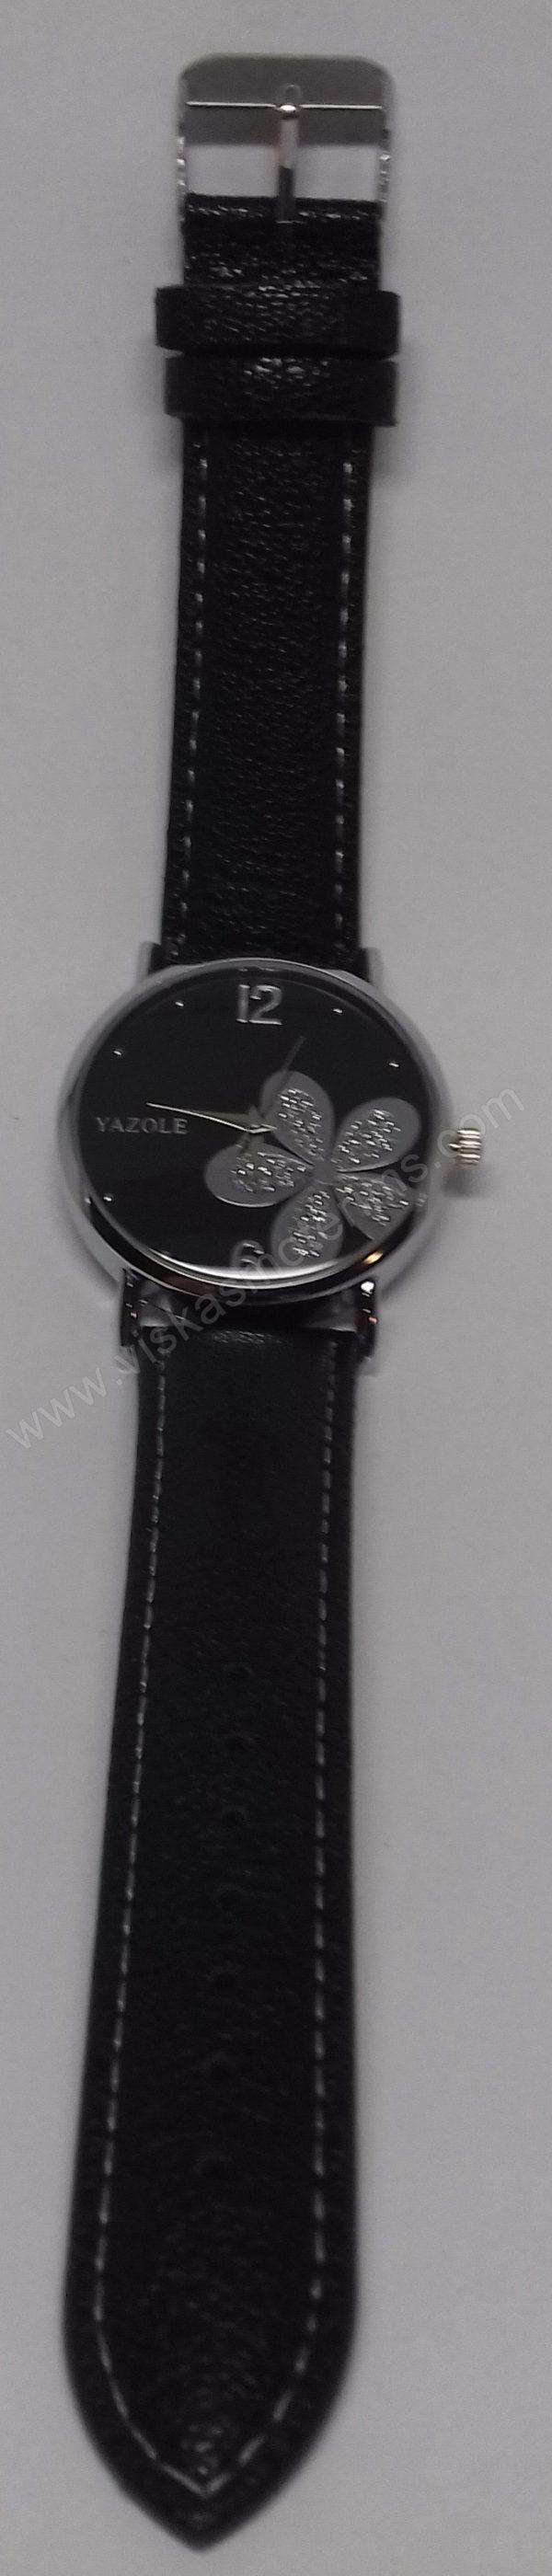 Moteriškas laikrodis Yazole su gėle - visu ilgiu